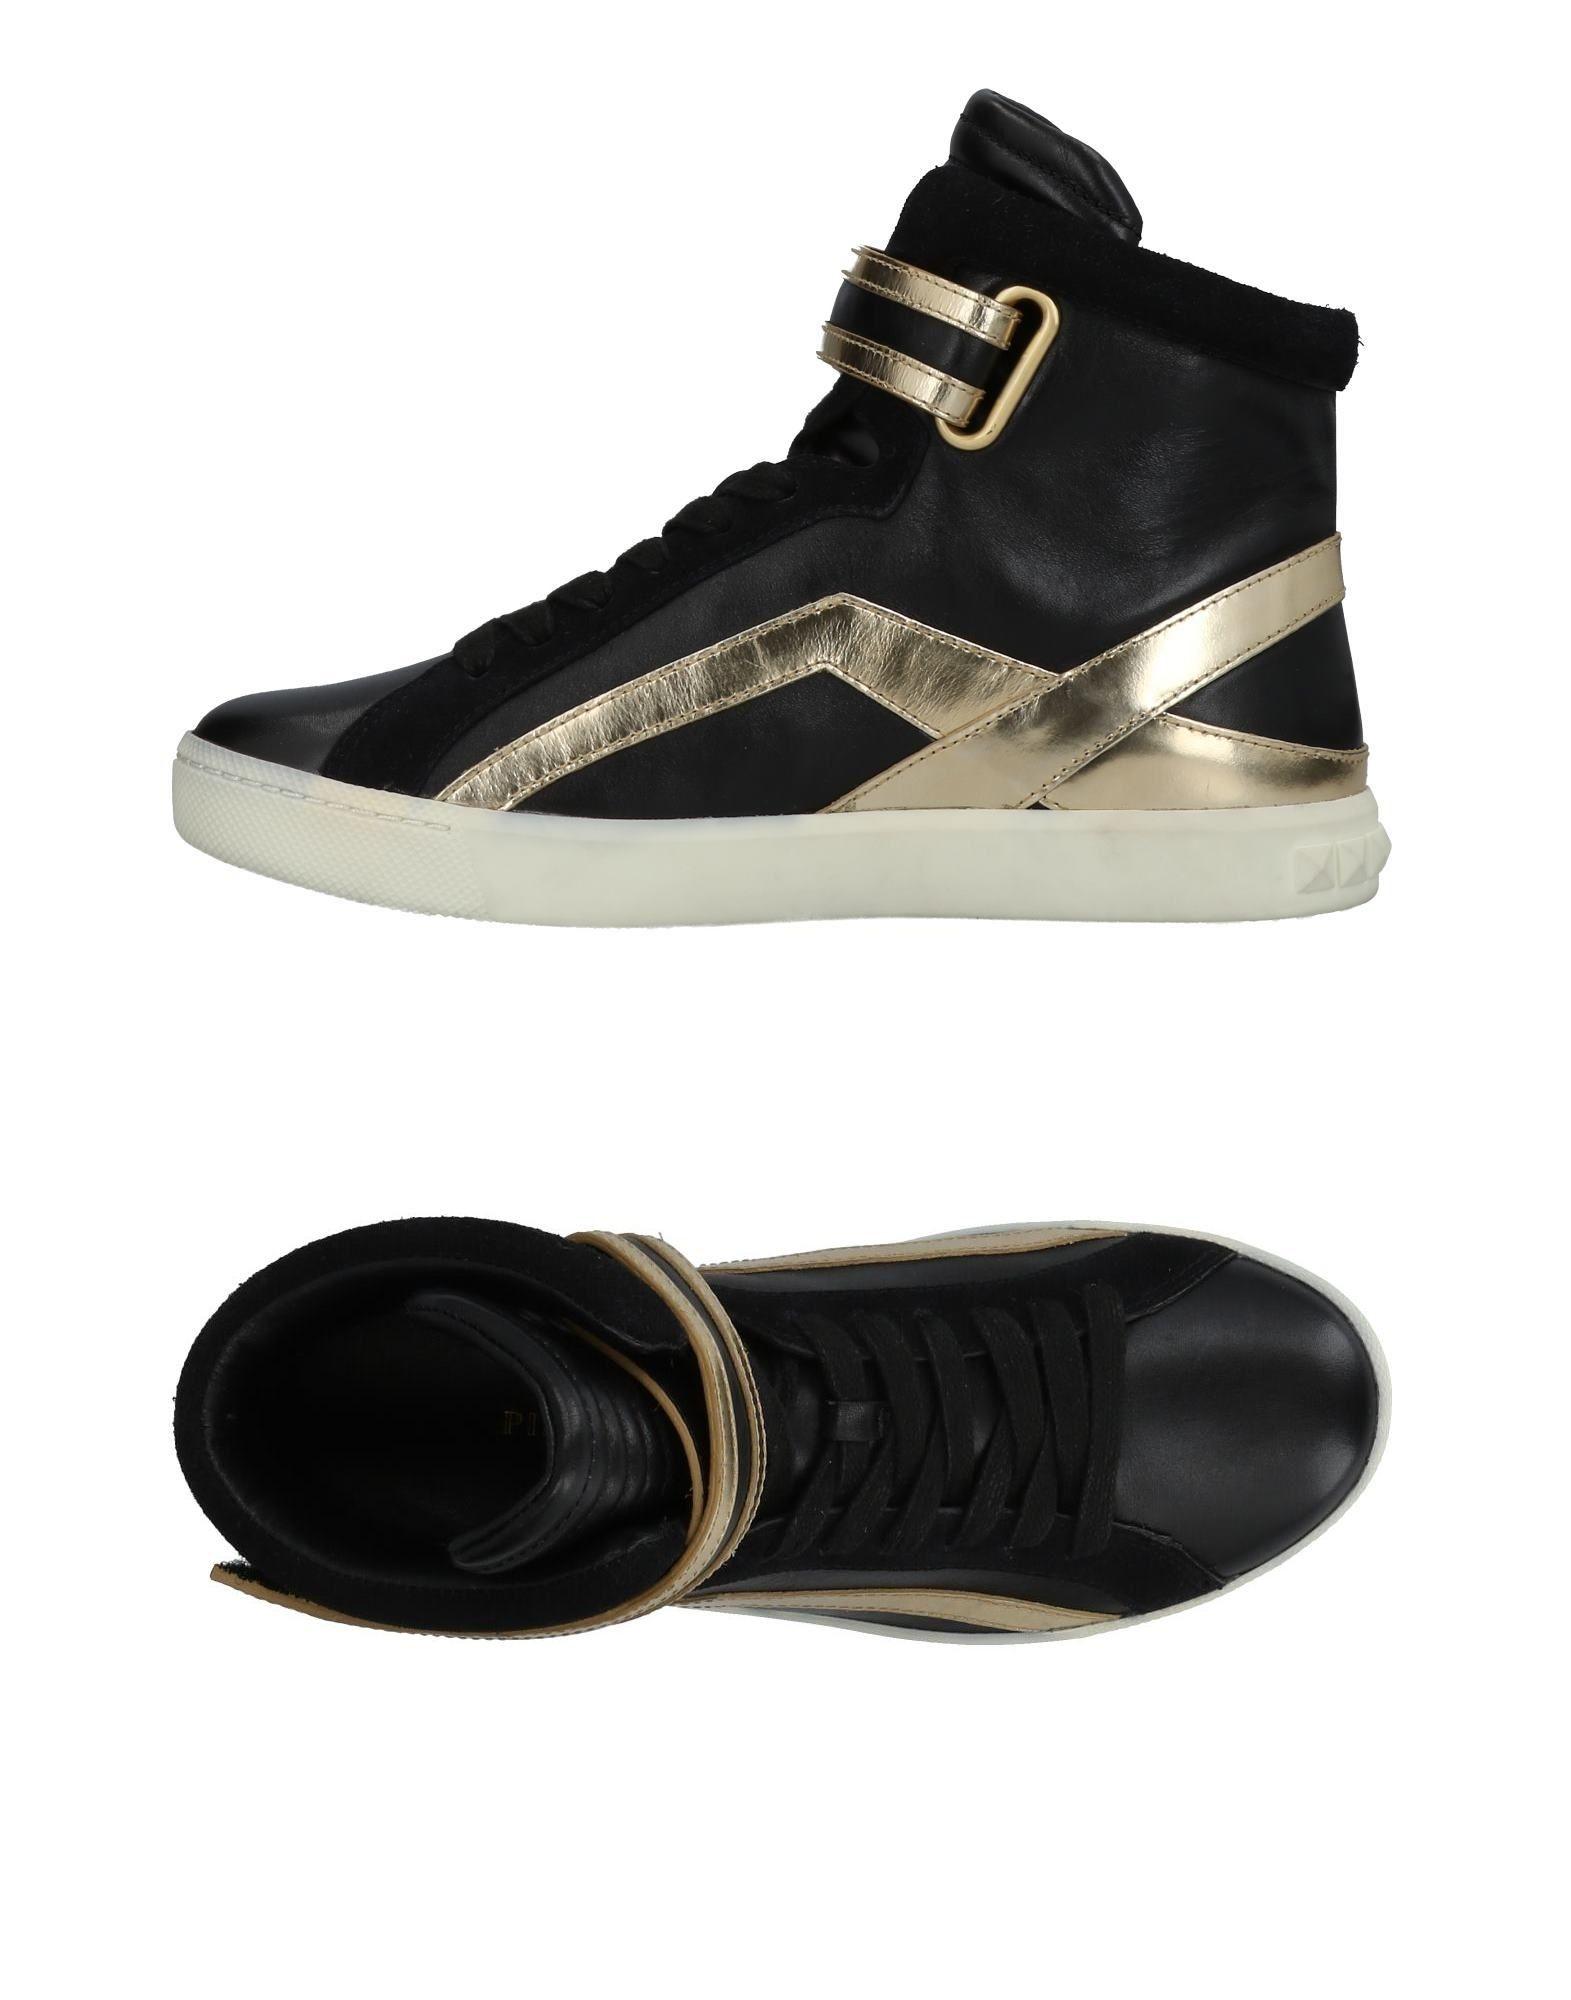 Sneakers Pierre Balmain Femme - Sneakers Pierre Balmain sur. COMPOSITION.  Cuir. DÉTAILS. effet laminé, logo, imprimé bicolore, fermeture avec velcro  ... 77ac4a7a48f